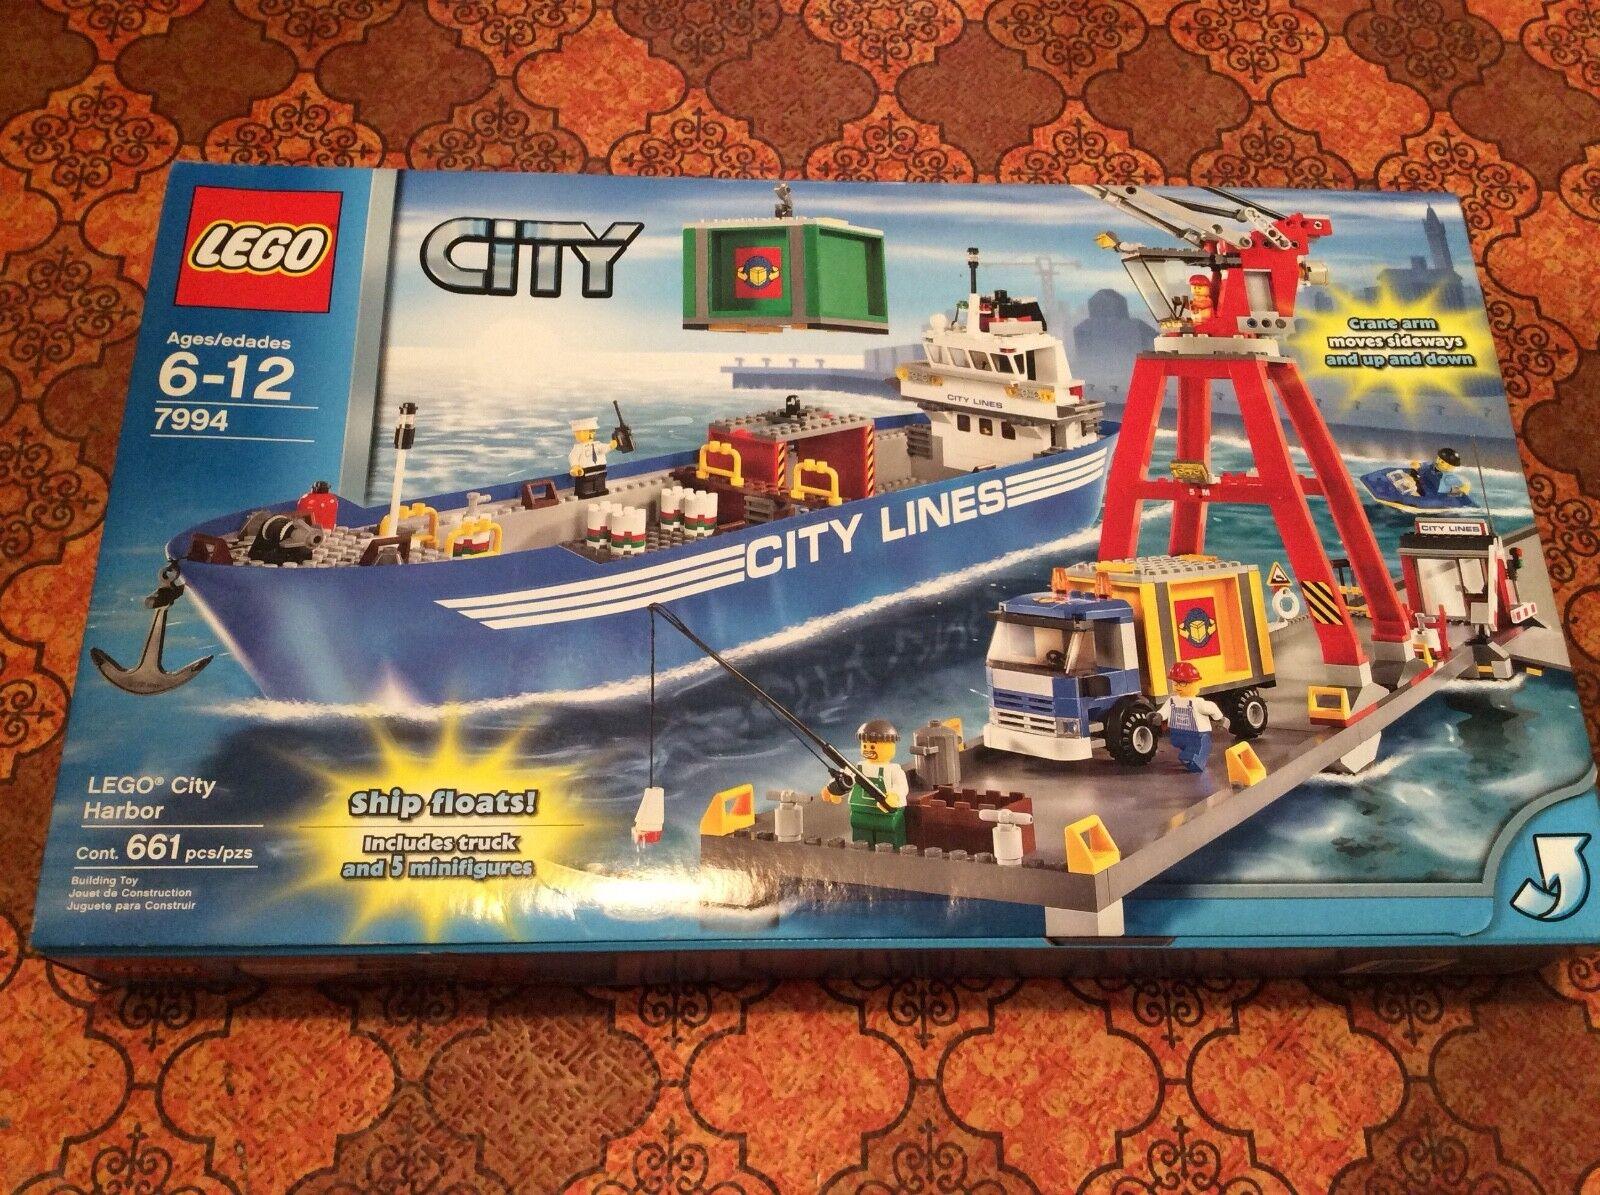 LEGO città - città Harbor 7994 - BRe  nuovo, factory sealed  prodotti creativi